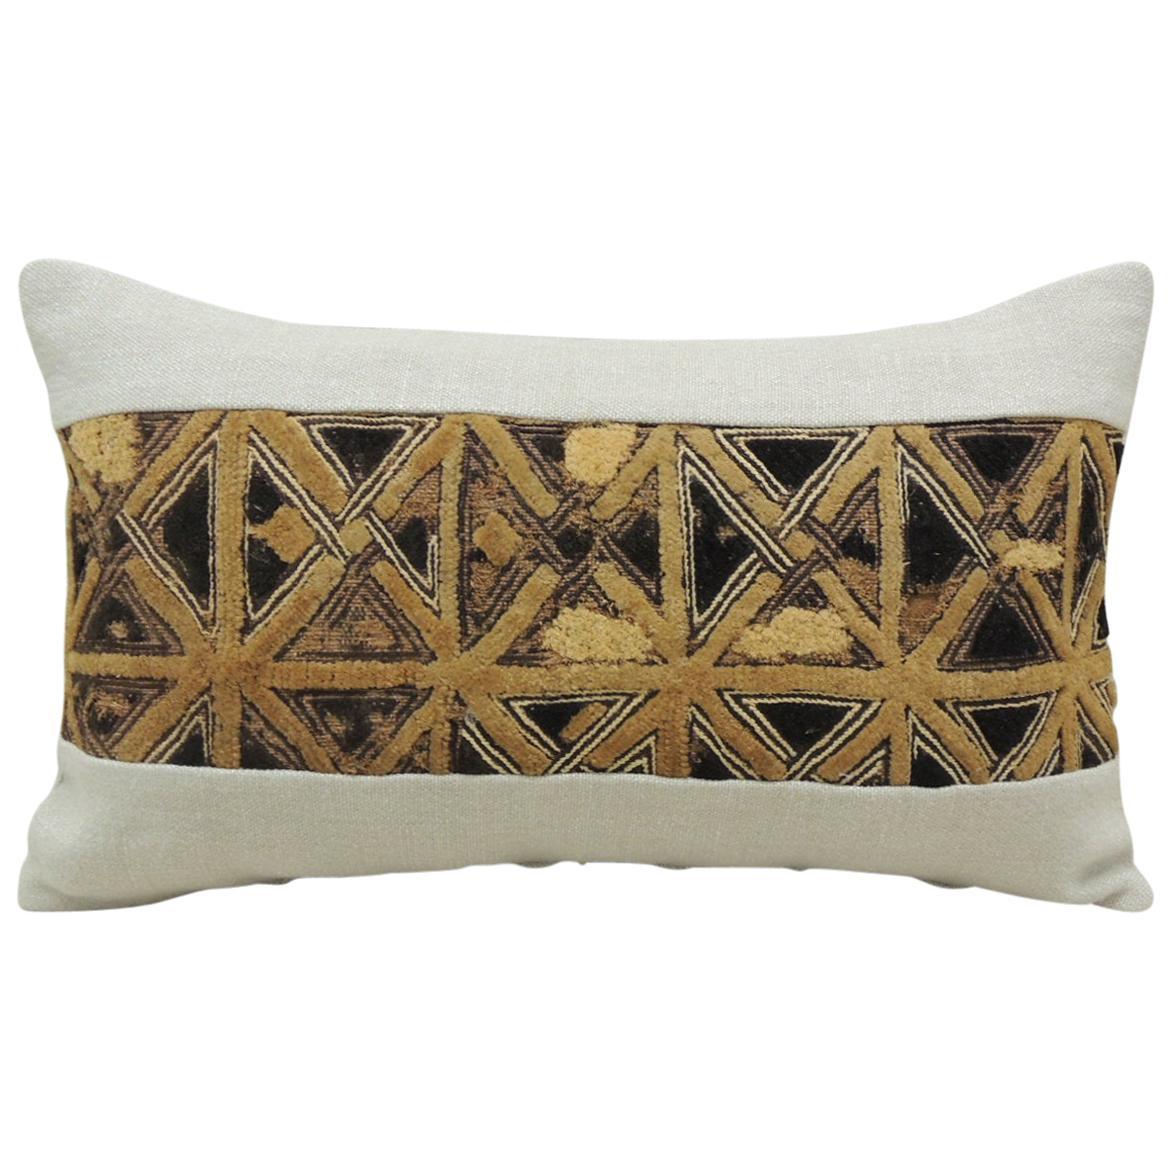 Vintage Tan and Black African Kuba Lumbar Decorative Pillow